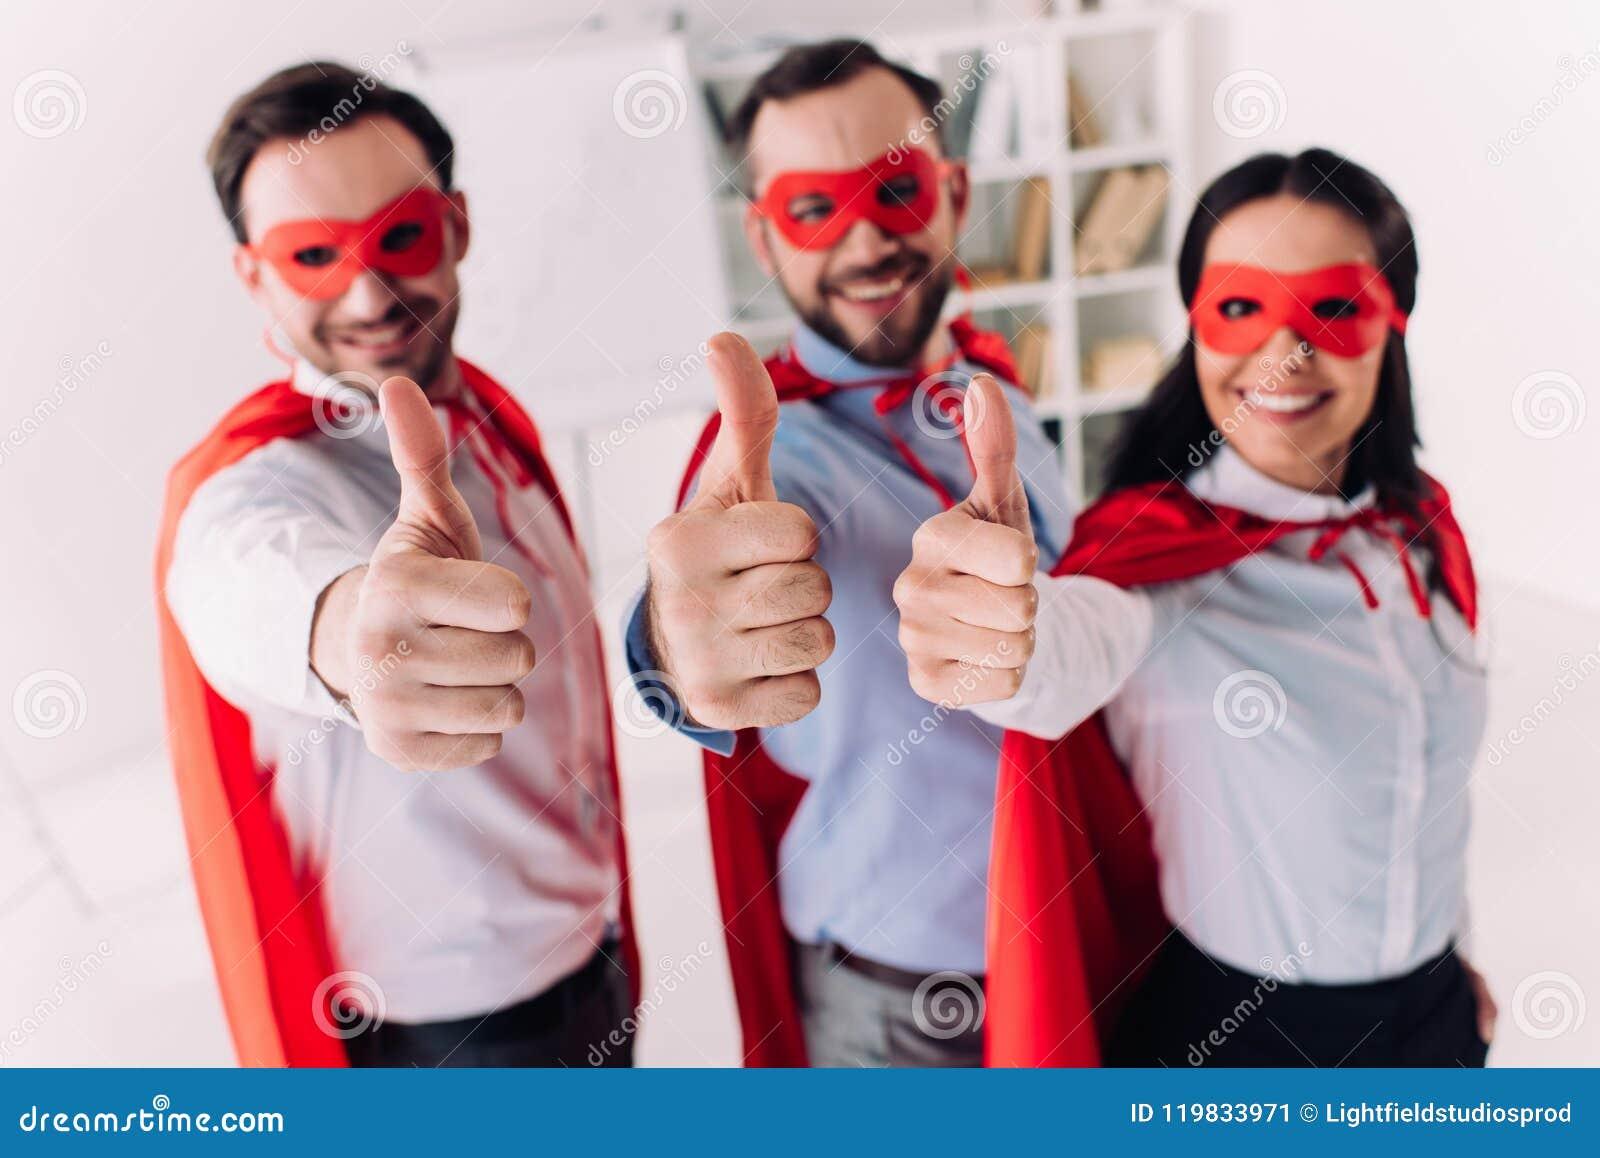 Toppna businesspeople i maskeringar och uddar som visar upp tummar